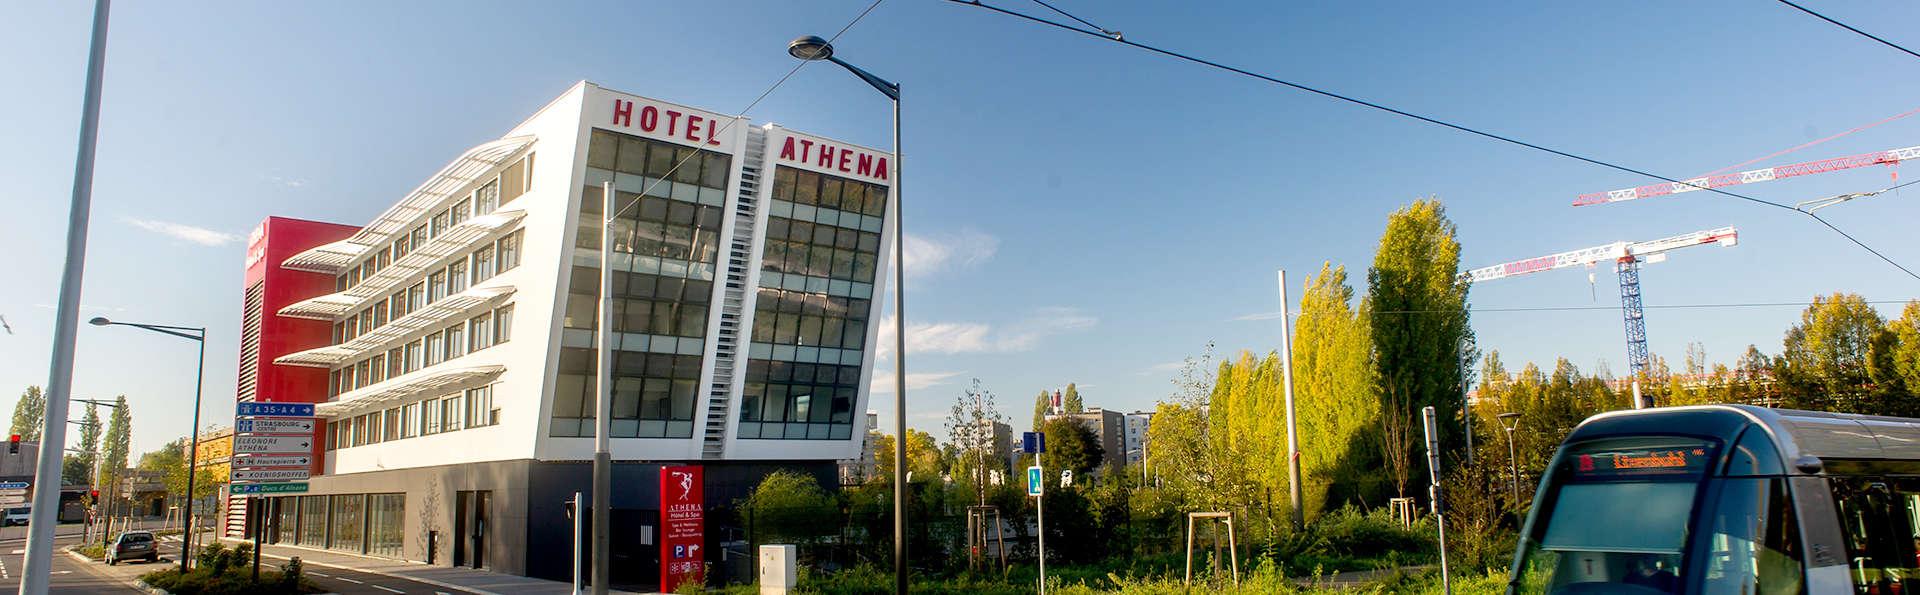 hotel strasbourg athena spa h tel de charme strasbourg. Black Bedroom Furniture Sets. Home Design Ideas